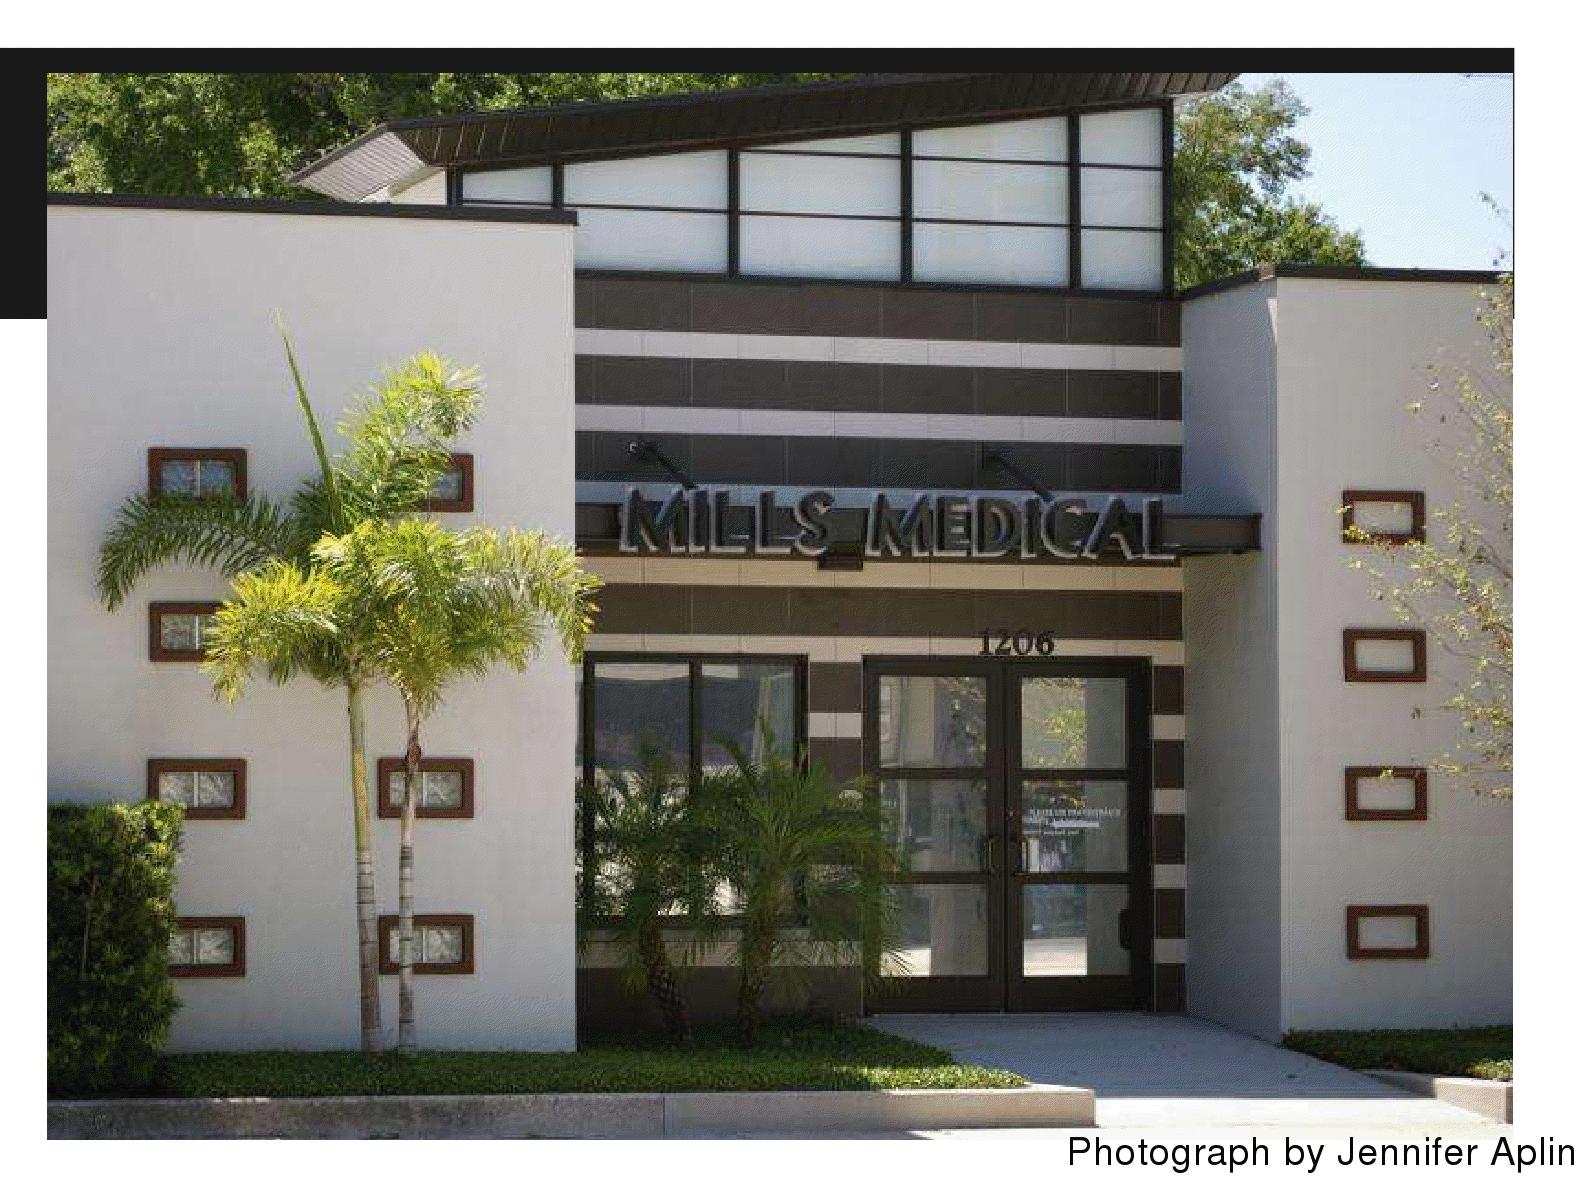 Mills Medical, 1206 N. Mills